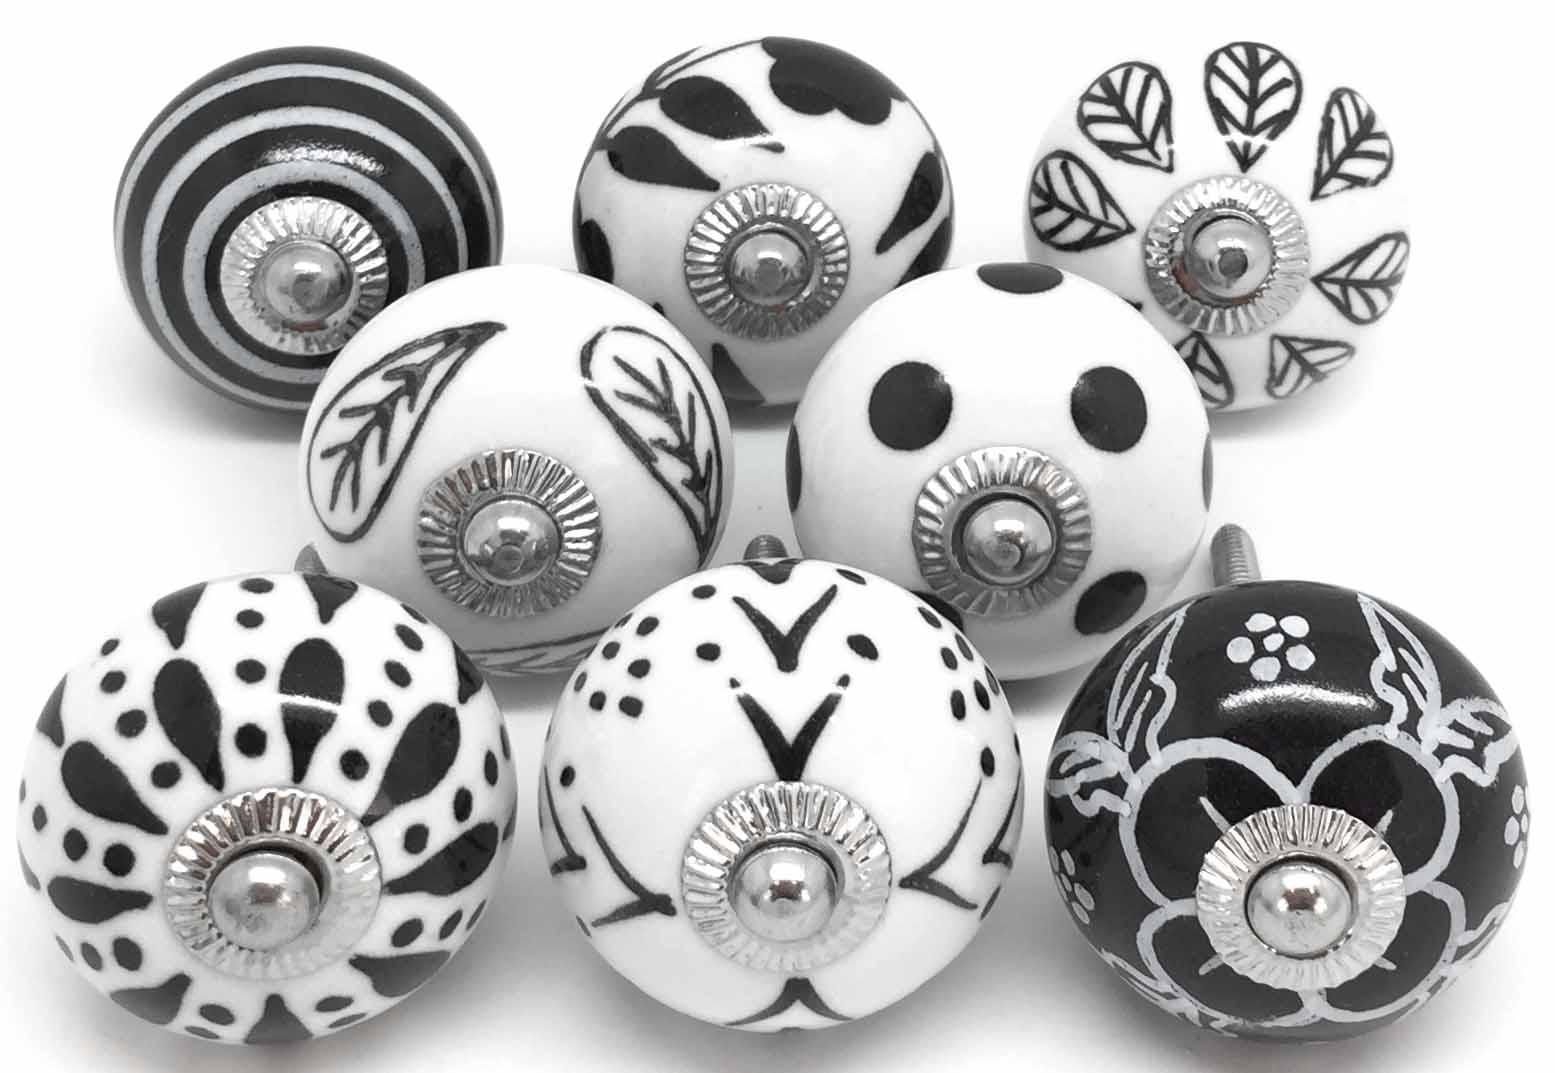 Set of 8 Black & White E8-9